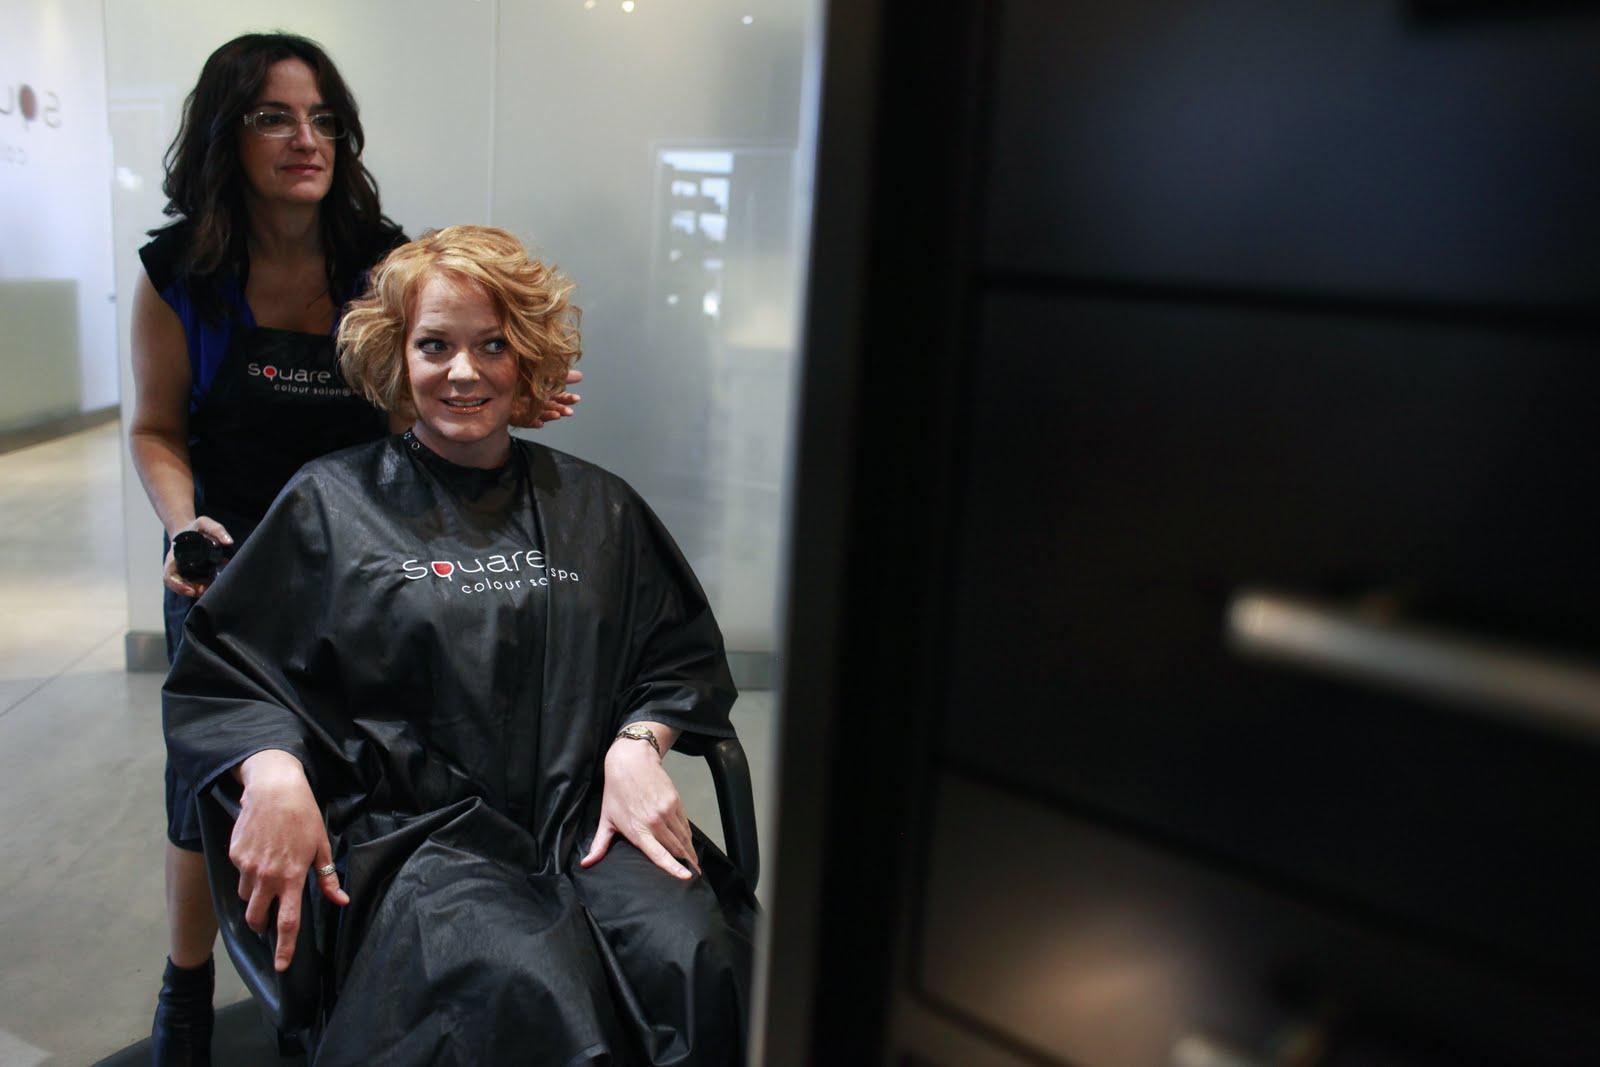 Asian hair stylist las vegas happens... remarkable